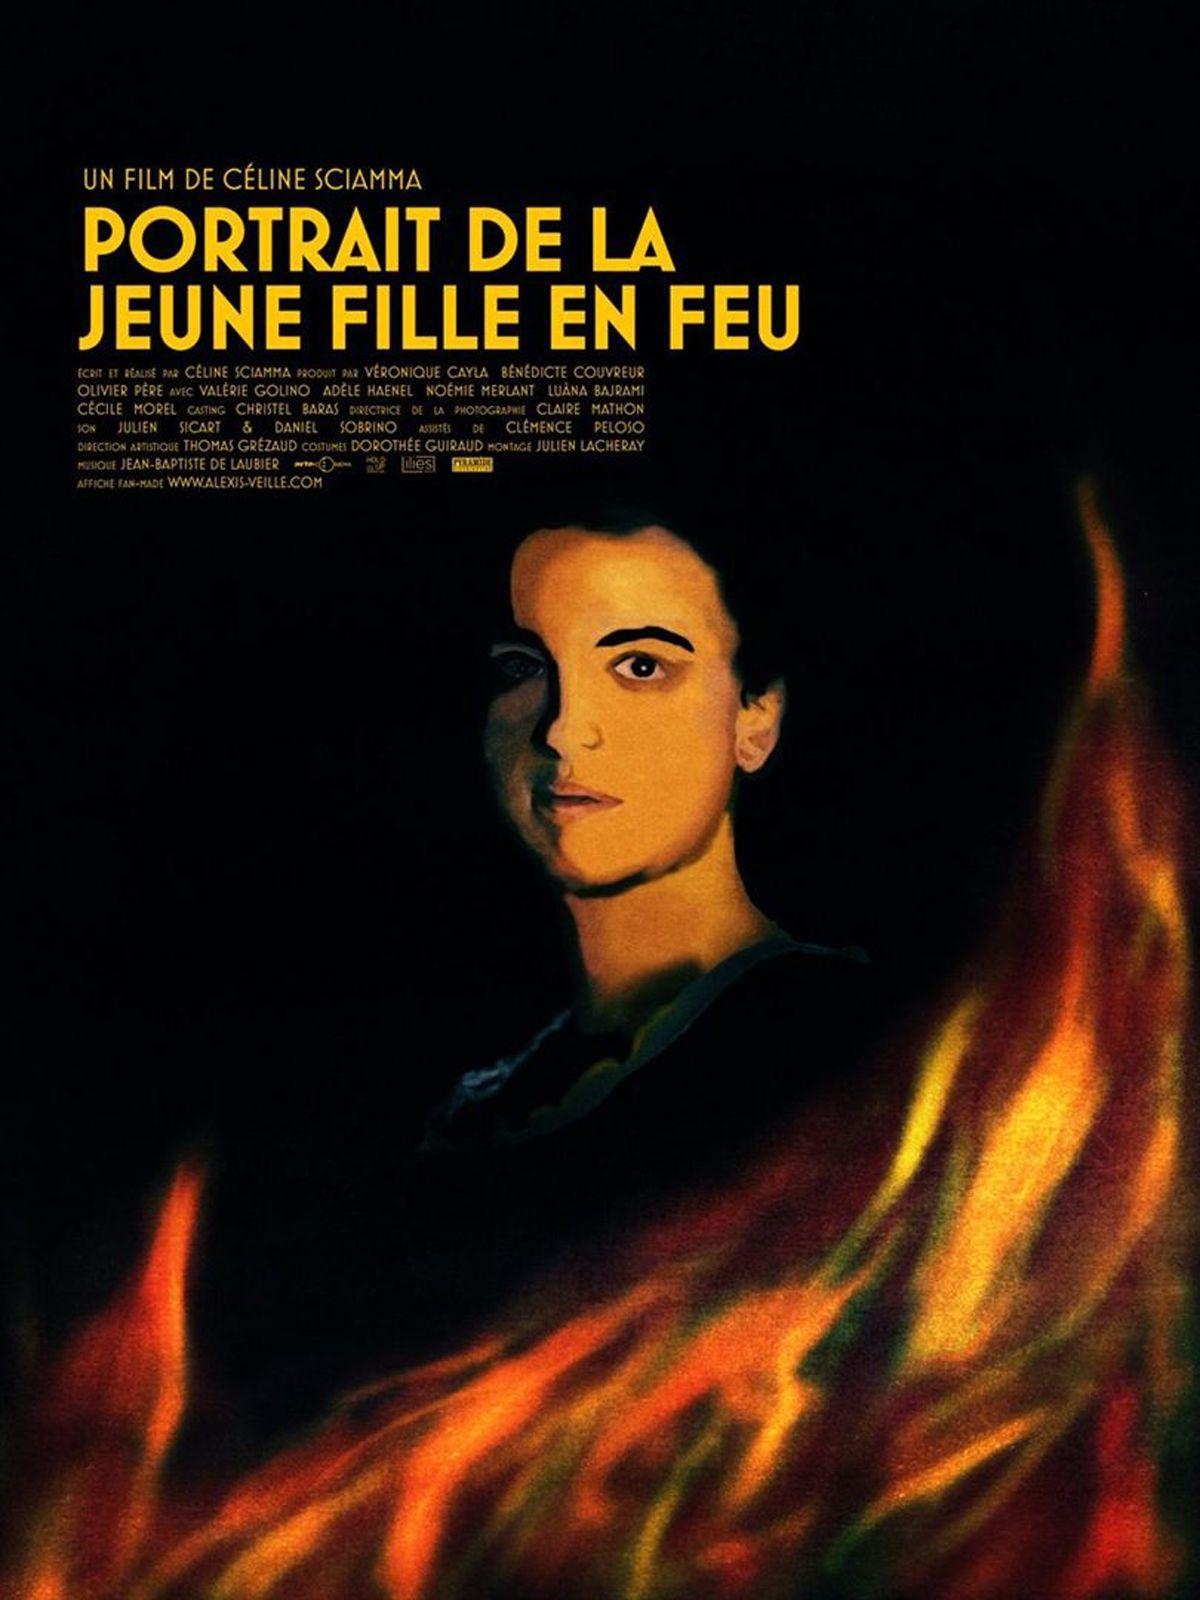 Affiche, portrait de la jeune fille en feu